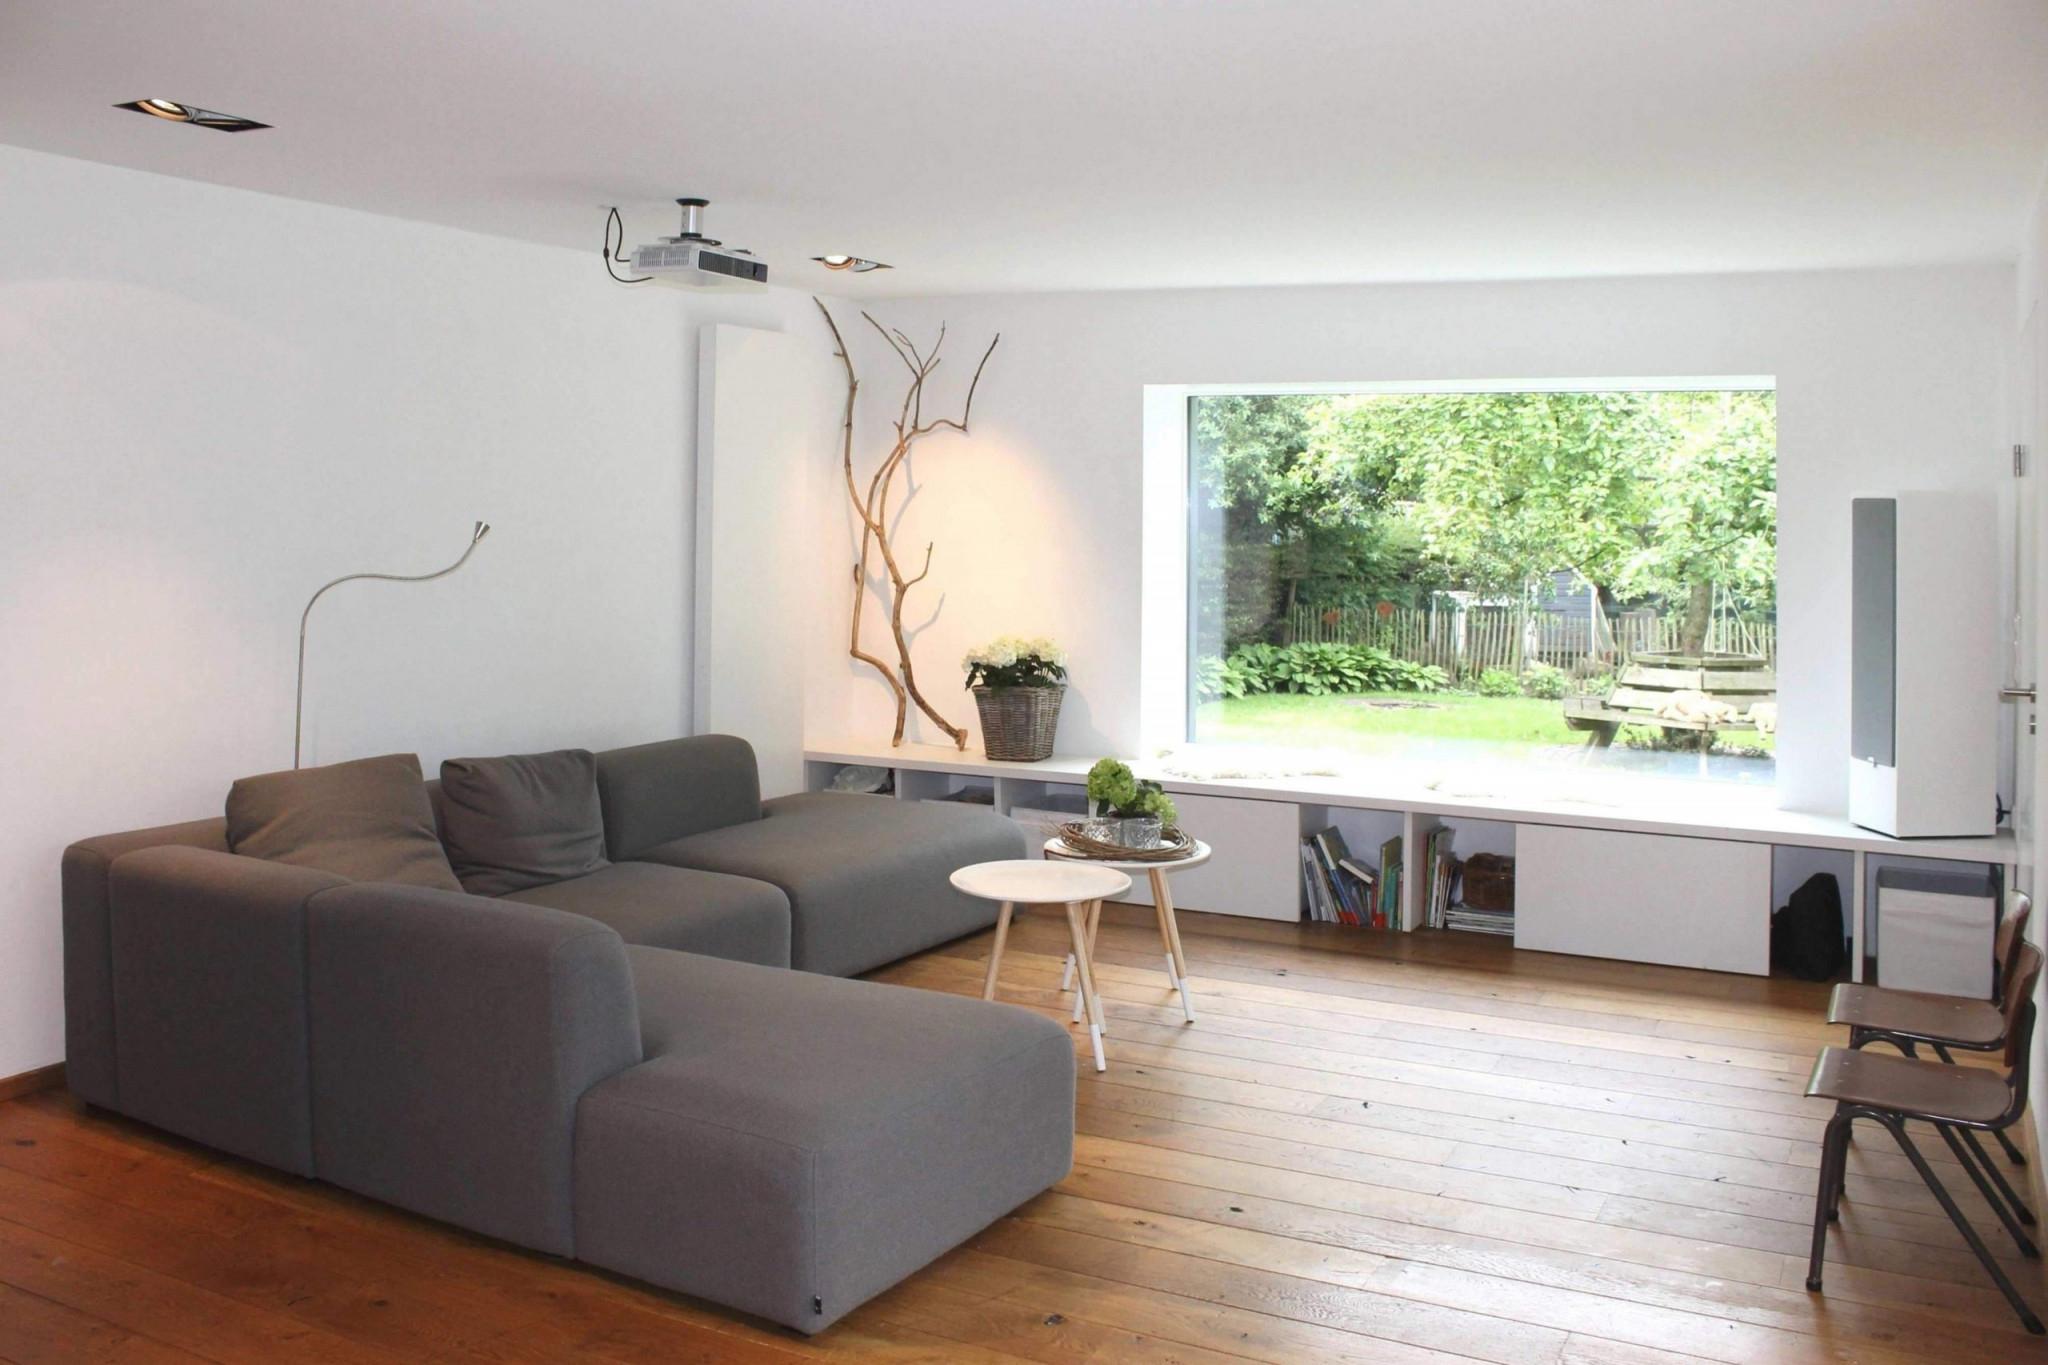 26 Reizend Tapeten Wohnzimmer Grau Das Beste Von von Tapeten Wohnzimmer Modern Grau Photo